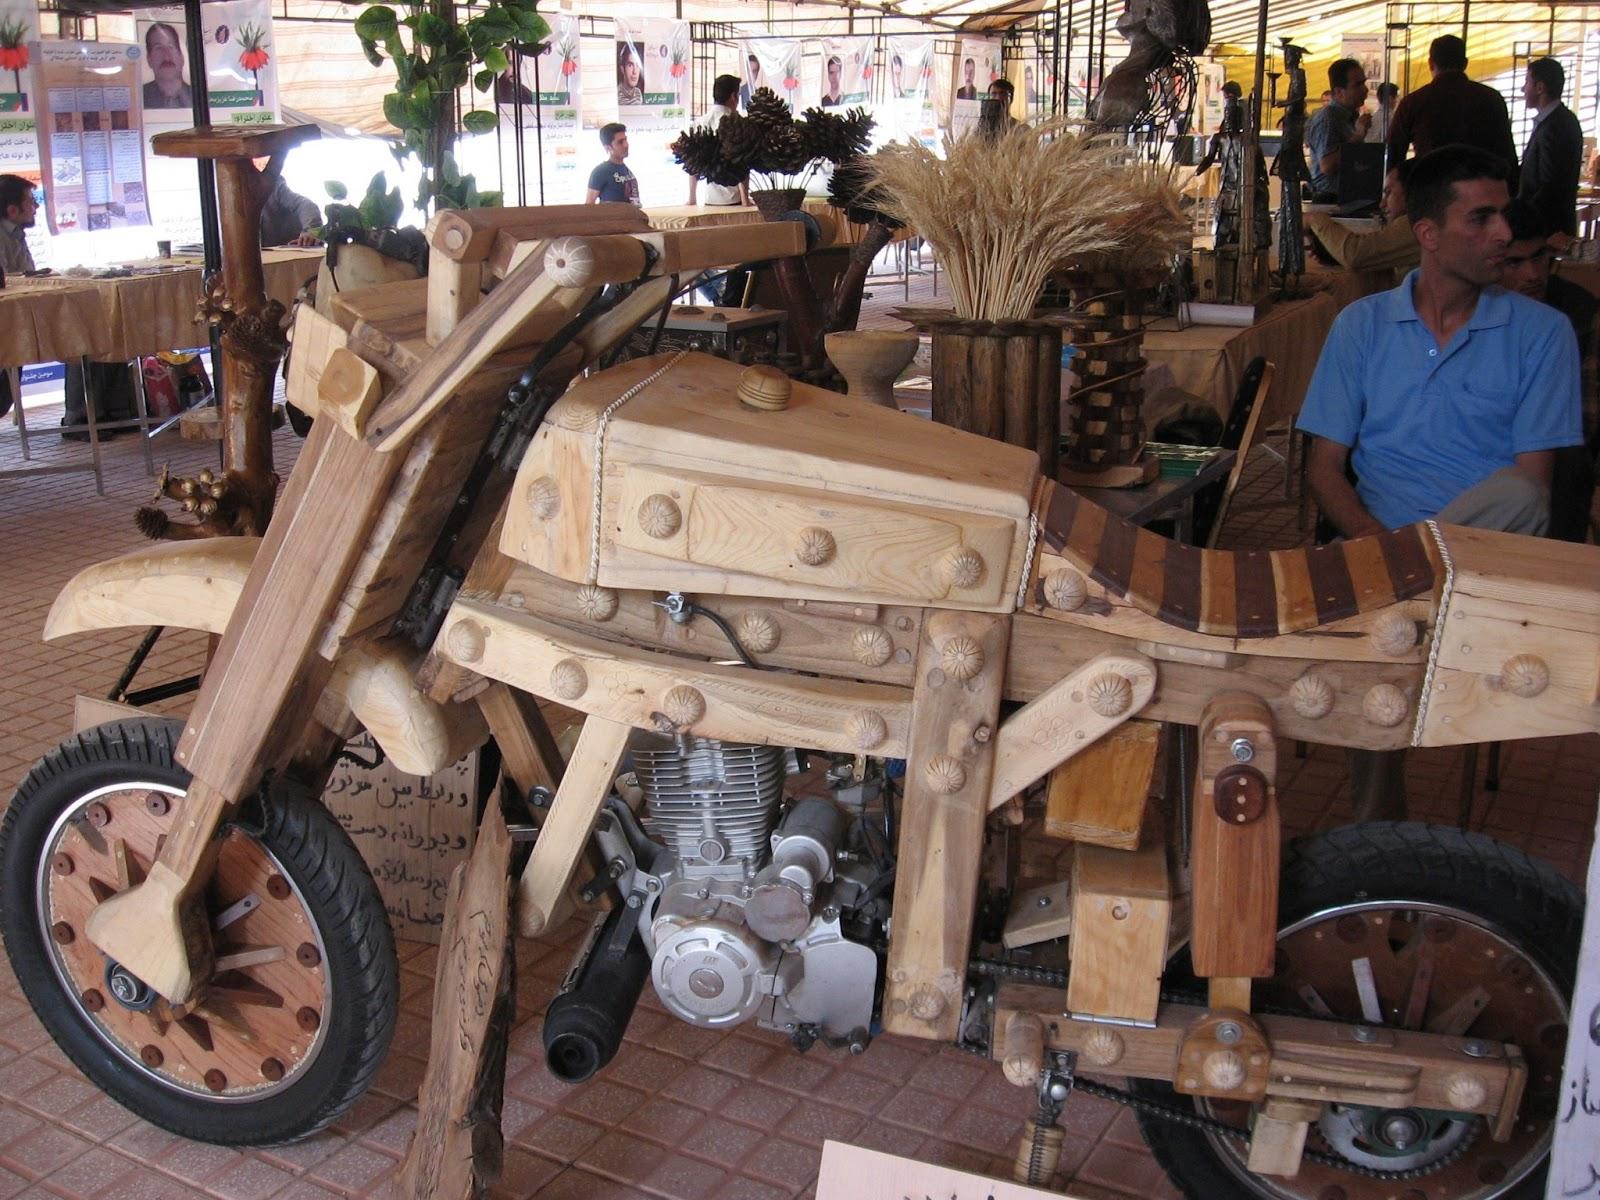 Moto/Bike di legno: Wooden Bike di Reza Mobini (Innovations Festival Koohrang, Iran)